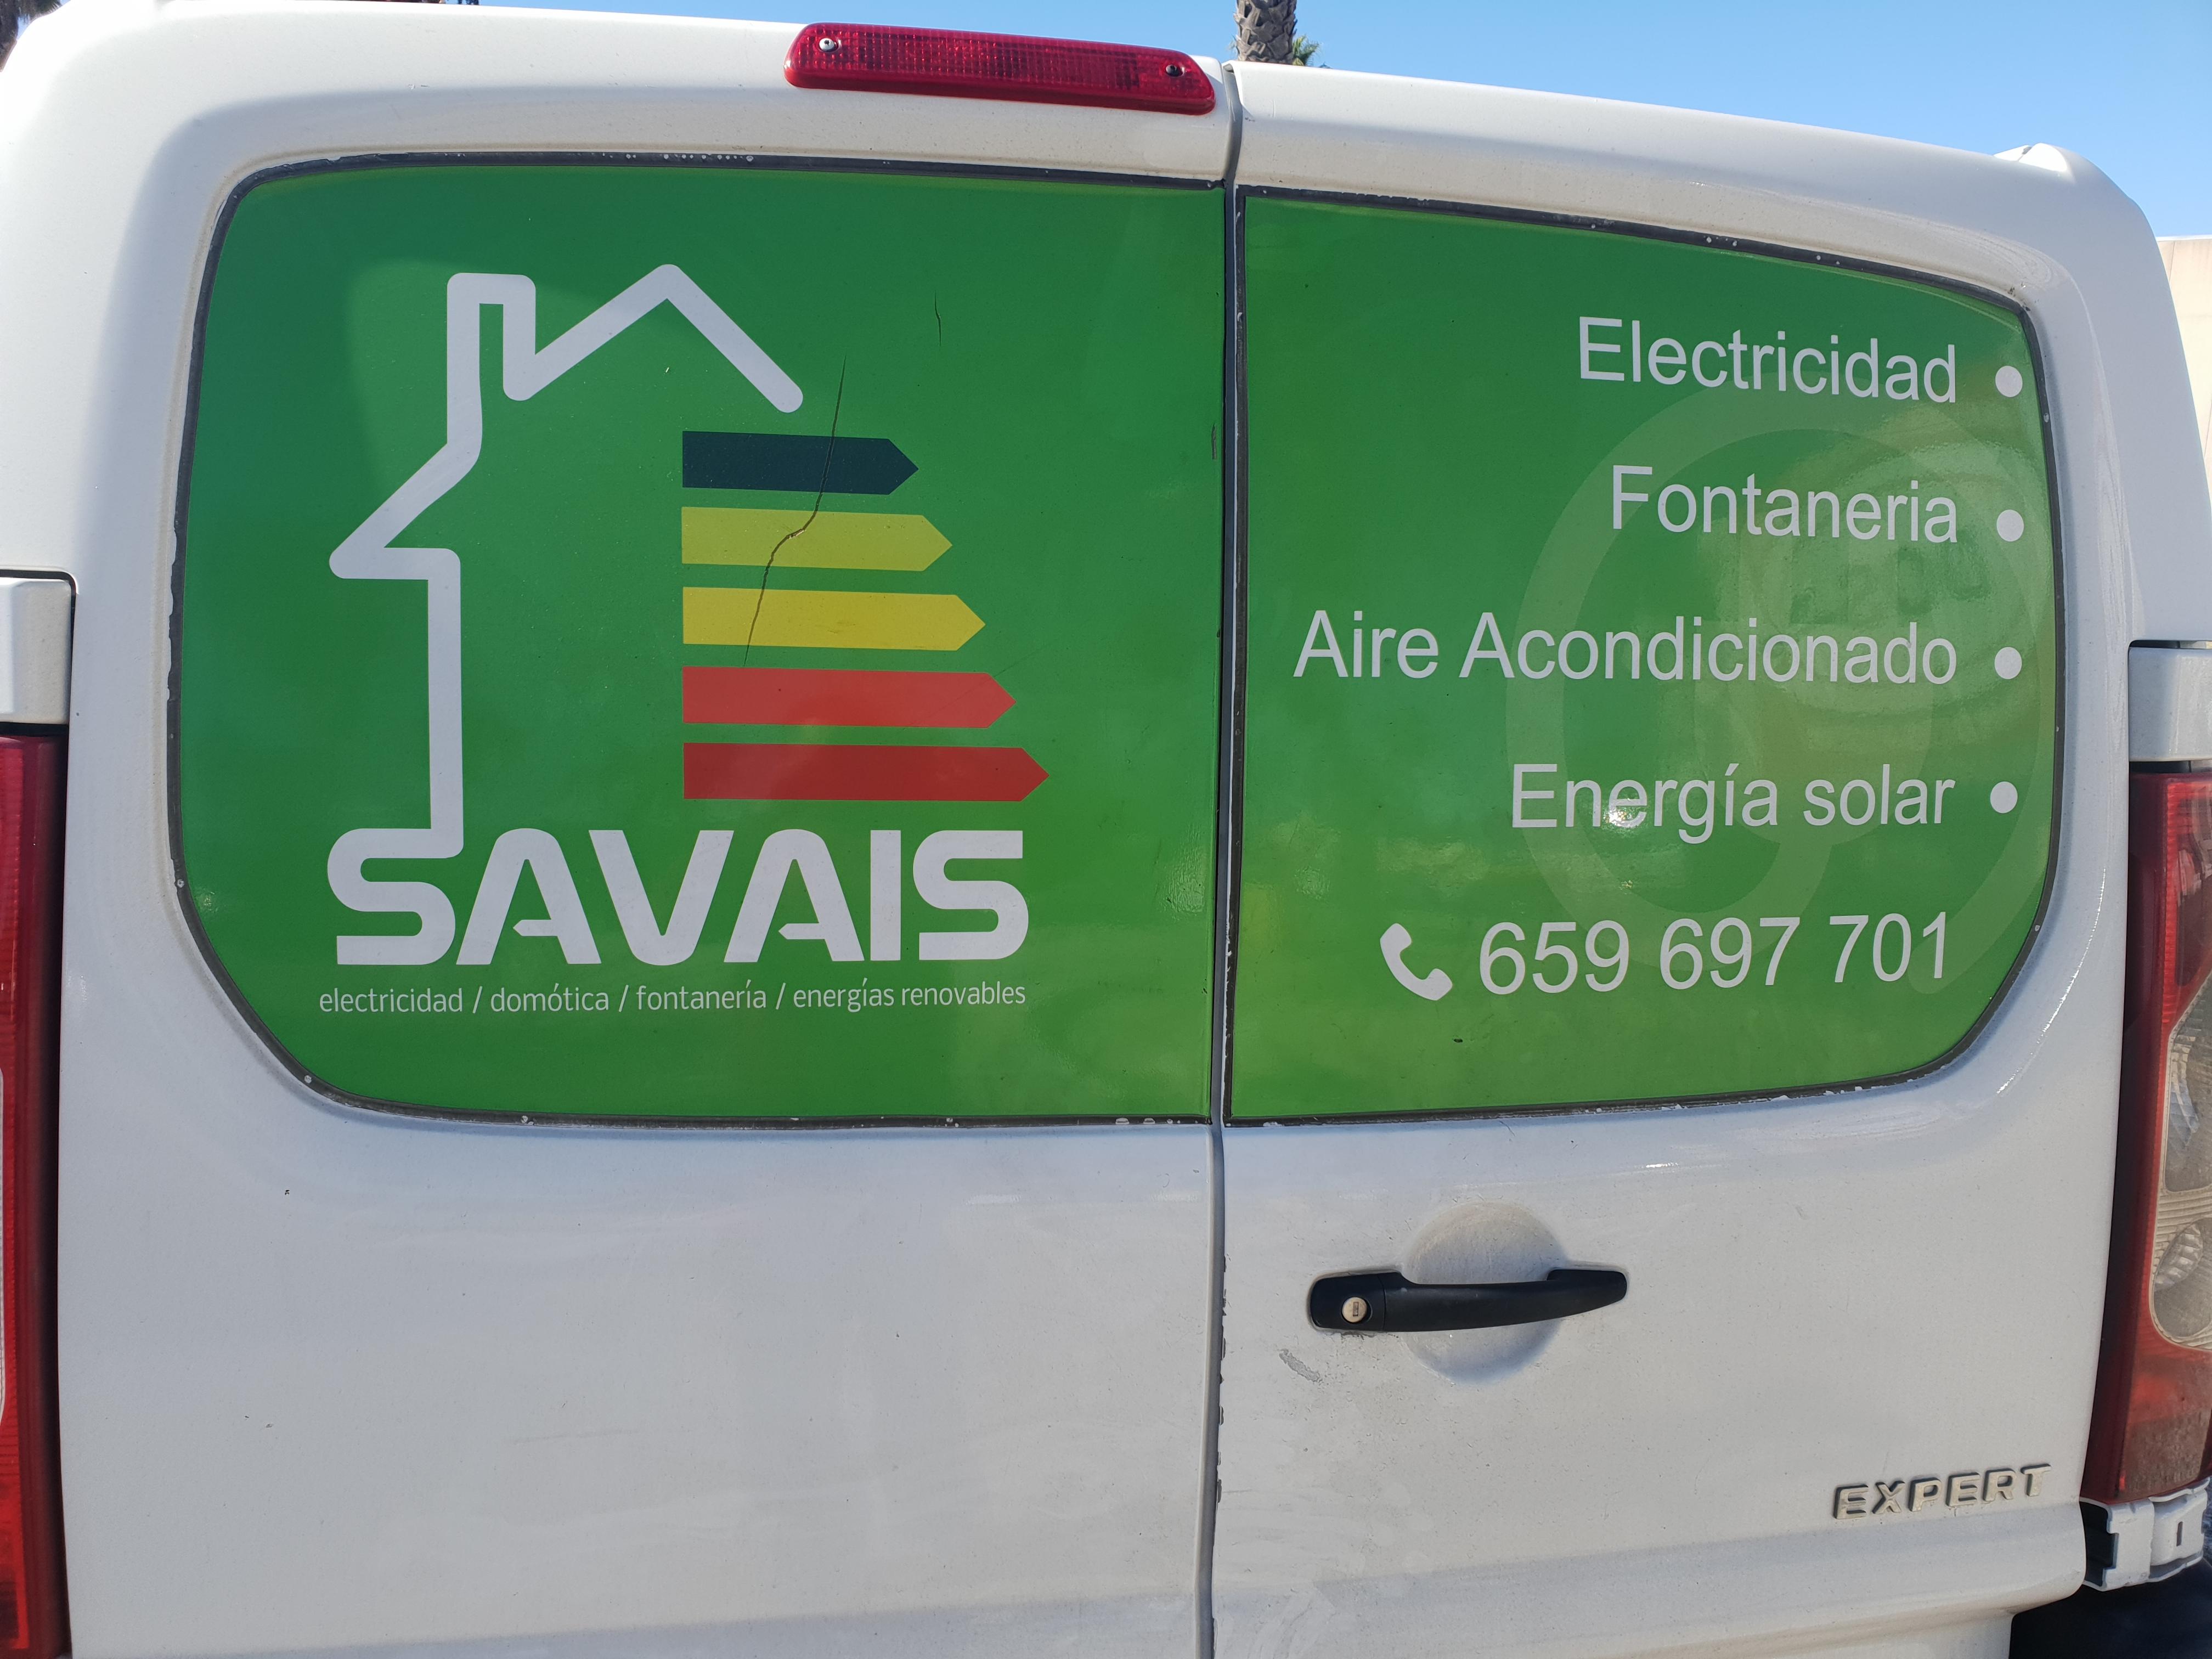 Instalaciones Y Mantenimientos Savais S